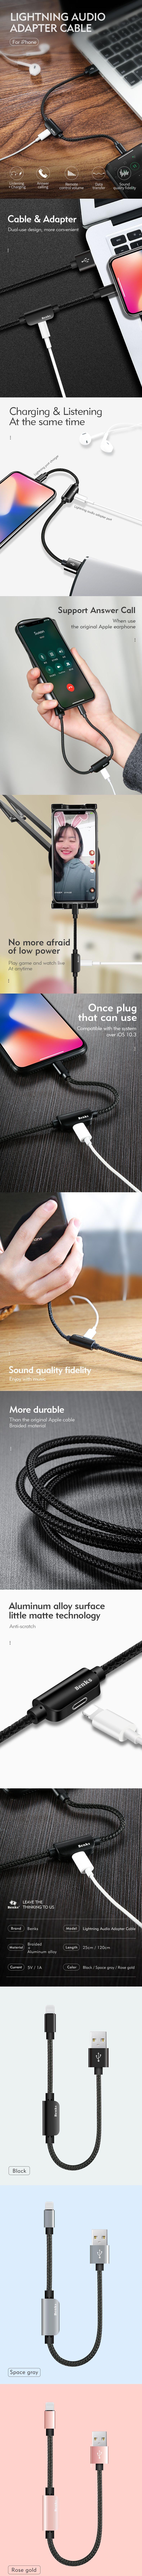 Cablu adaptor Benks D20 Lightning audio pentru iPhone si iPad